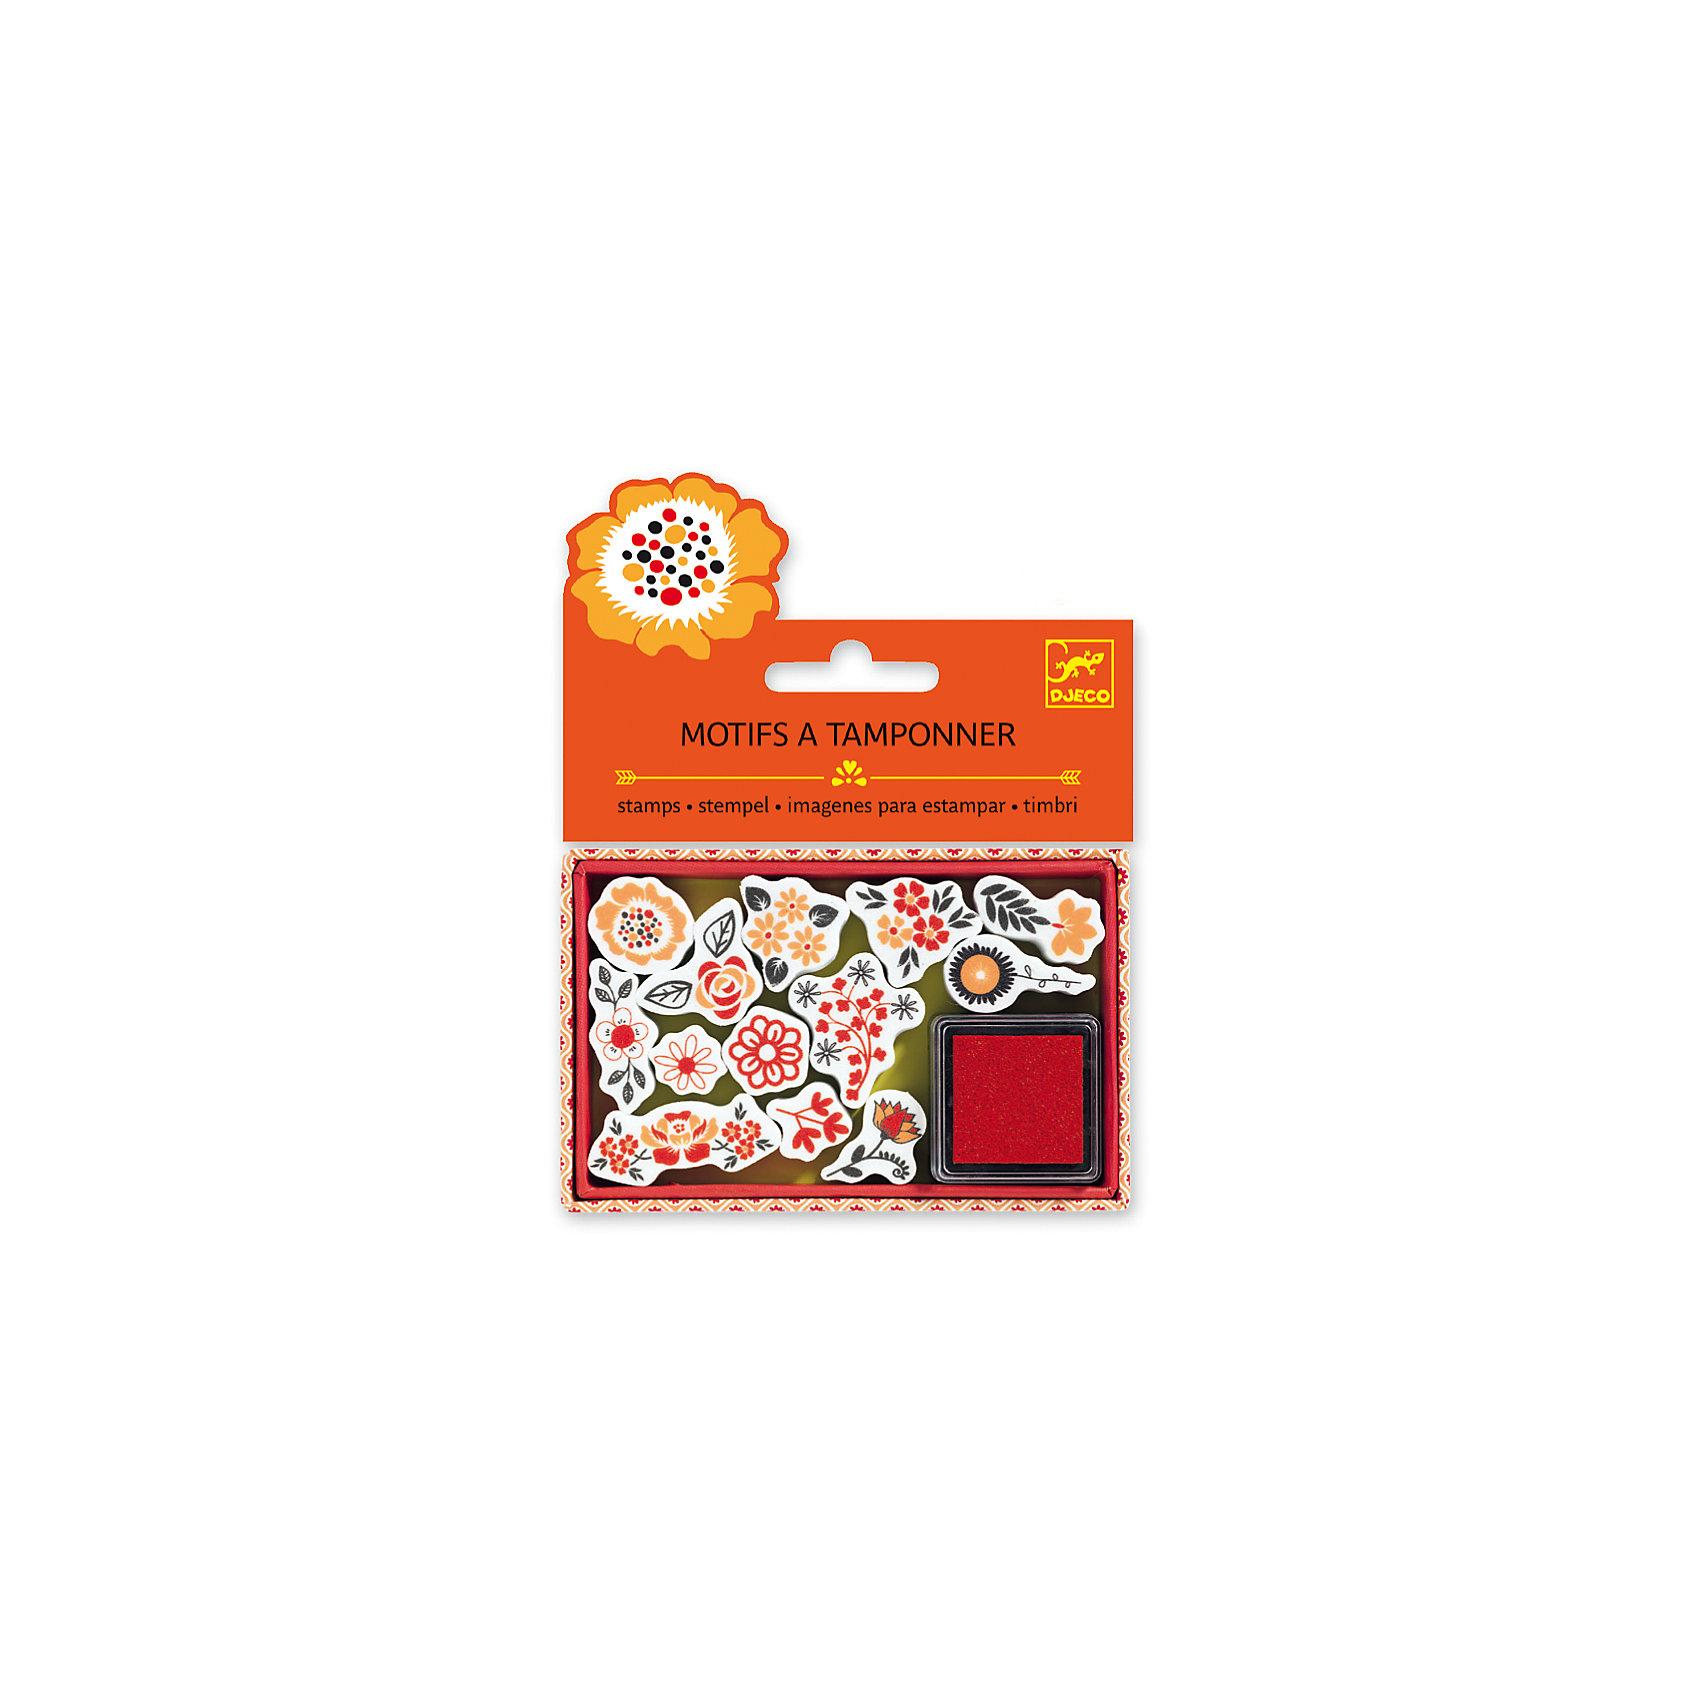 Набор штампов Цветы, DJECOРисование<br>Характеристики набора штампов Цветы:<br><br>• возраст: от 6 лет<br>• пол: для девочки<br>• комплект: 13 штампов, штемпельная подушечка.<br>• состав: картон, пластик.<br>• размер упаковки: 21 х 23 х 2 см.<br>• упаковка: пакет с хедером.<br>• бренд: Djeco<br>• страна обладатель бренда: Франция.<br><br>Набор штампов Цветы от французского бренда Djeco создан для всех любителей украшать свои работы. Штампиками можно украшать альбомные листы или тетради, а также страницы собственного дневника. Каждый штамп оснащен красивым орнаментом с содержанием различных цветов. Подушечки с краской хватит на множество использований, а затем ее можно пропитать краской снова.<br><br>Набор штампов Цветы от торговой марки Djeco (Джеко) можно купить в нашем интернет-магазине.<br><br>Ширина мм: 110<br>Глубина мм: 15<br>Высота мм: 20<br>Вес г: 60<br>Возраст от месяцев: 36<br>Возраст до месяцев: 2147483647<br>Пол: Женский<br>Возраст: Детский<br>SKU: 5448845